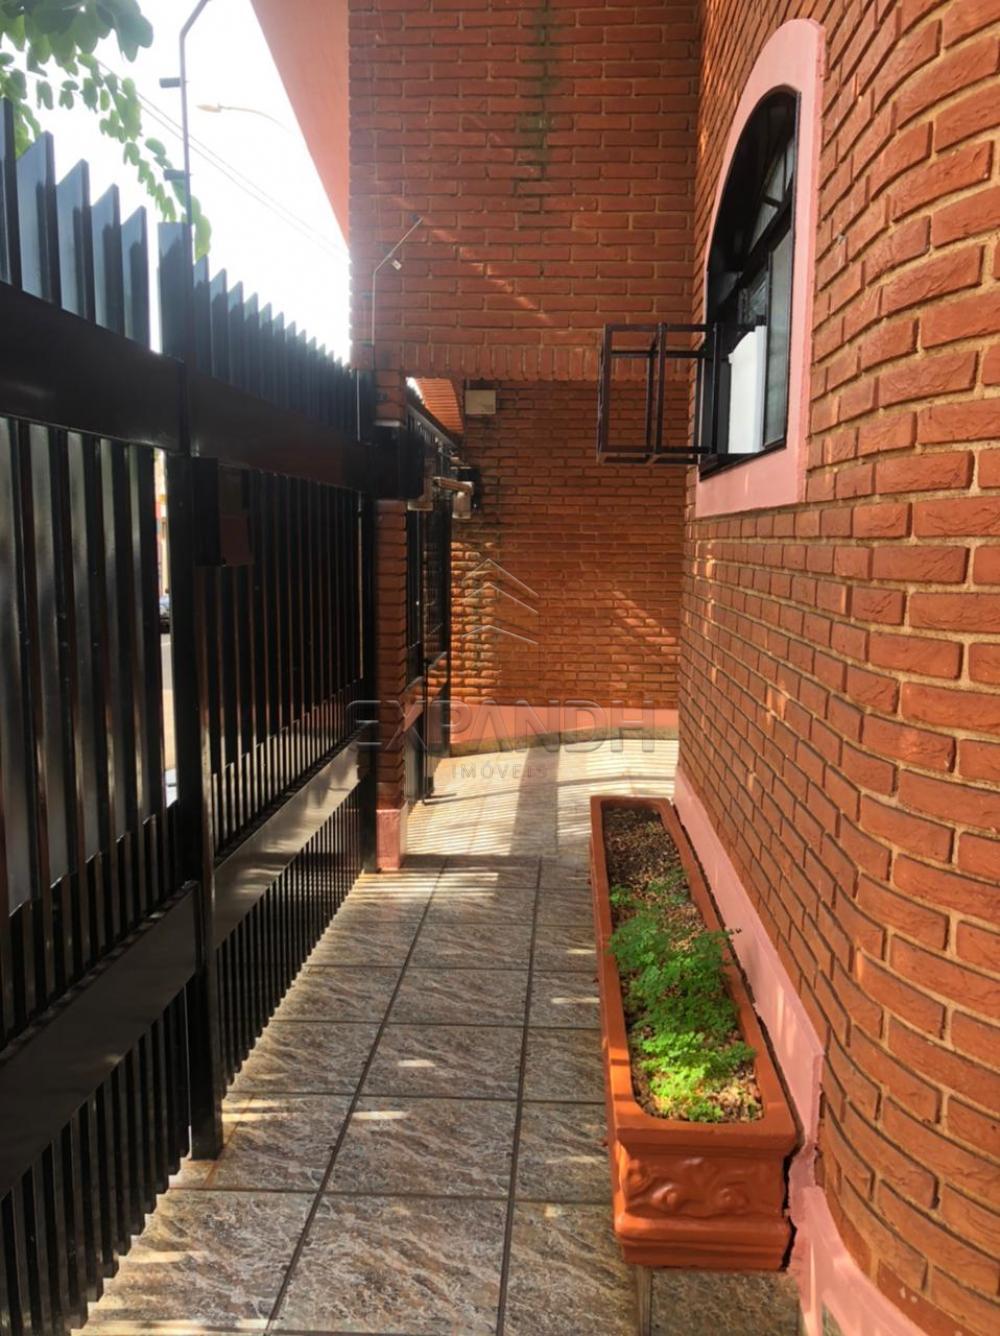 Alugar Casas / Padrão em Sertãozinho R$ 1.600,00 - Foto 3